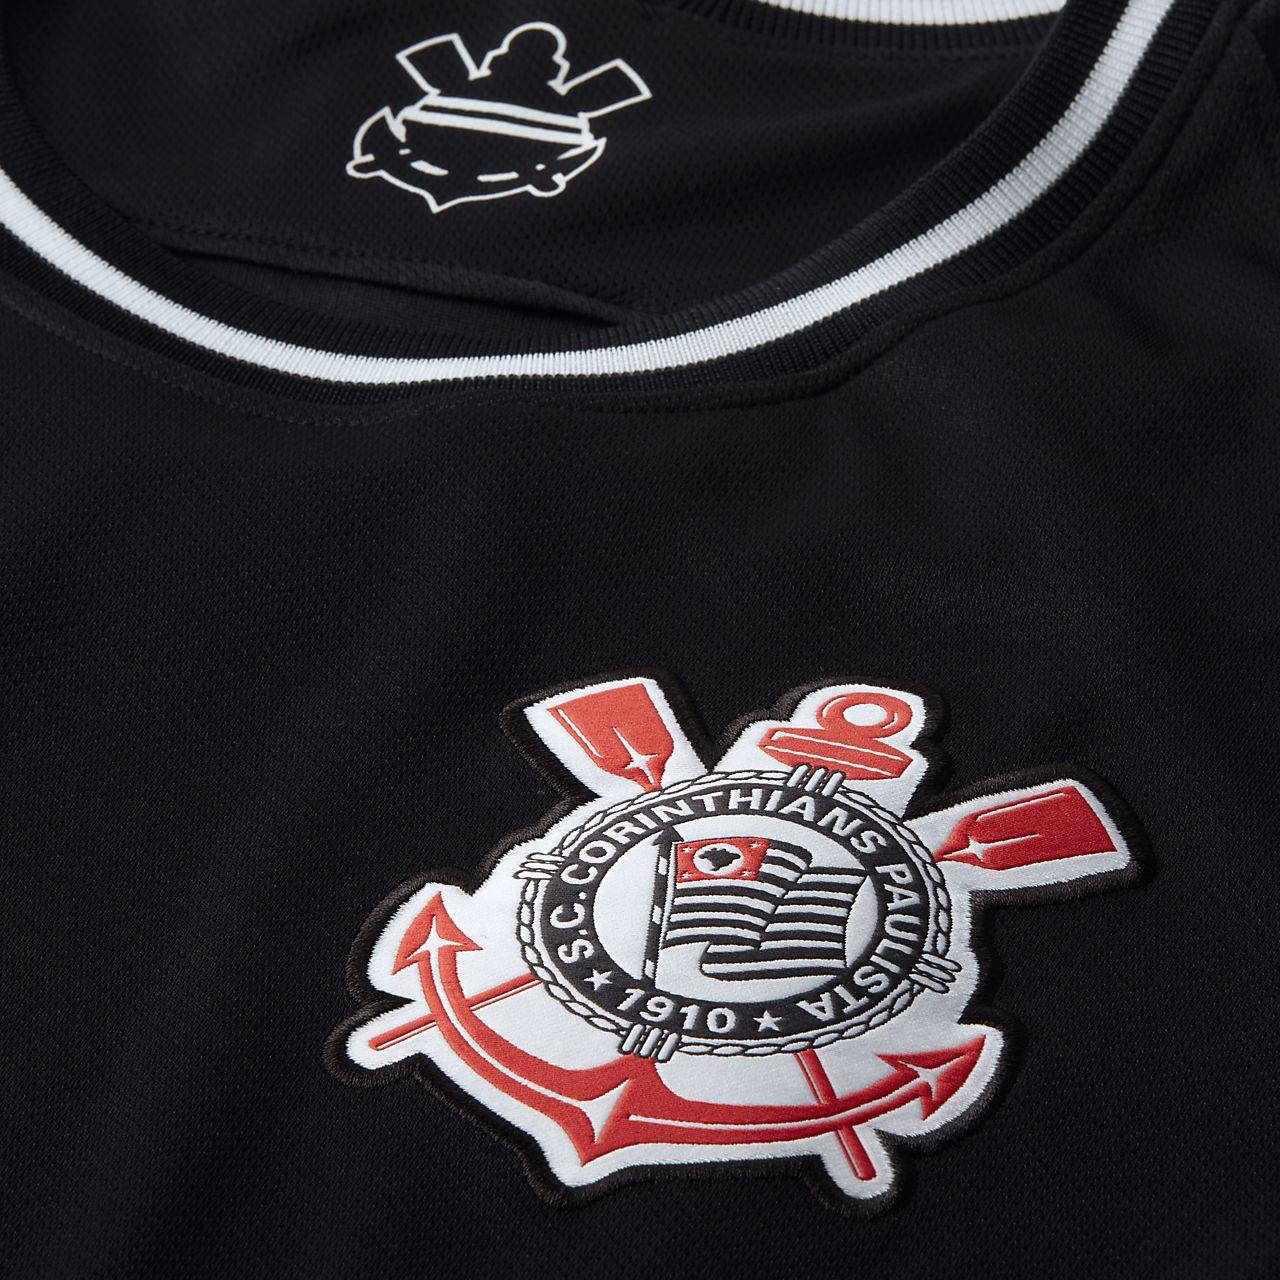 79cef8d0e Camiseta Camiseta de fútbol de visitante para hombre Stadium del S.C.  Corinthians 2019/20